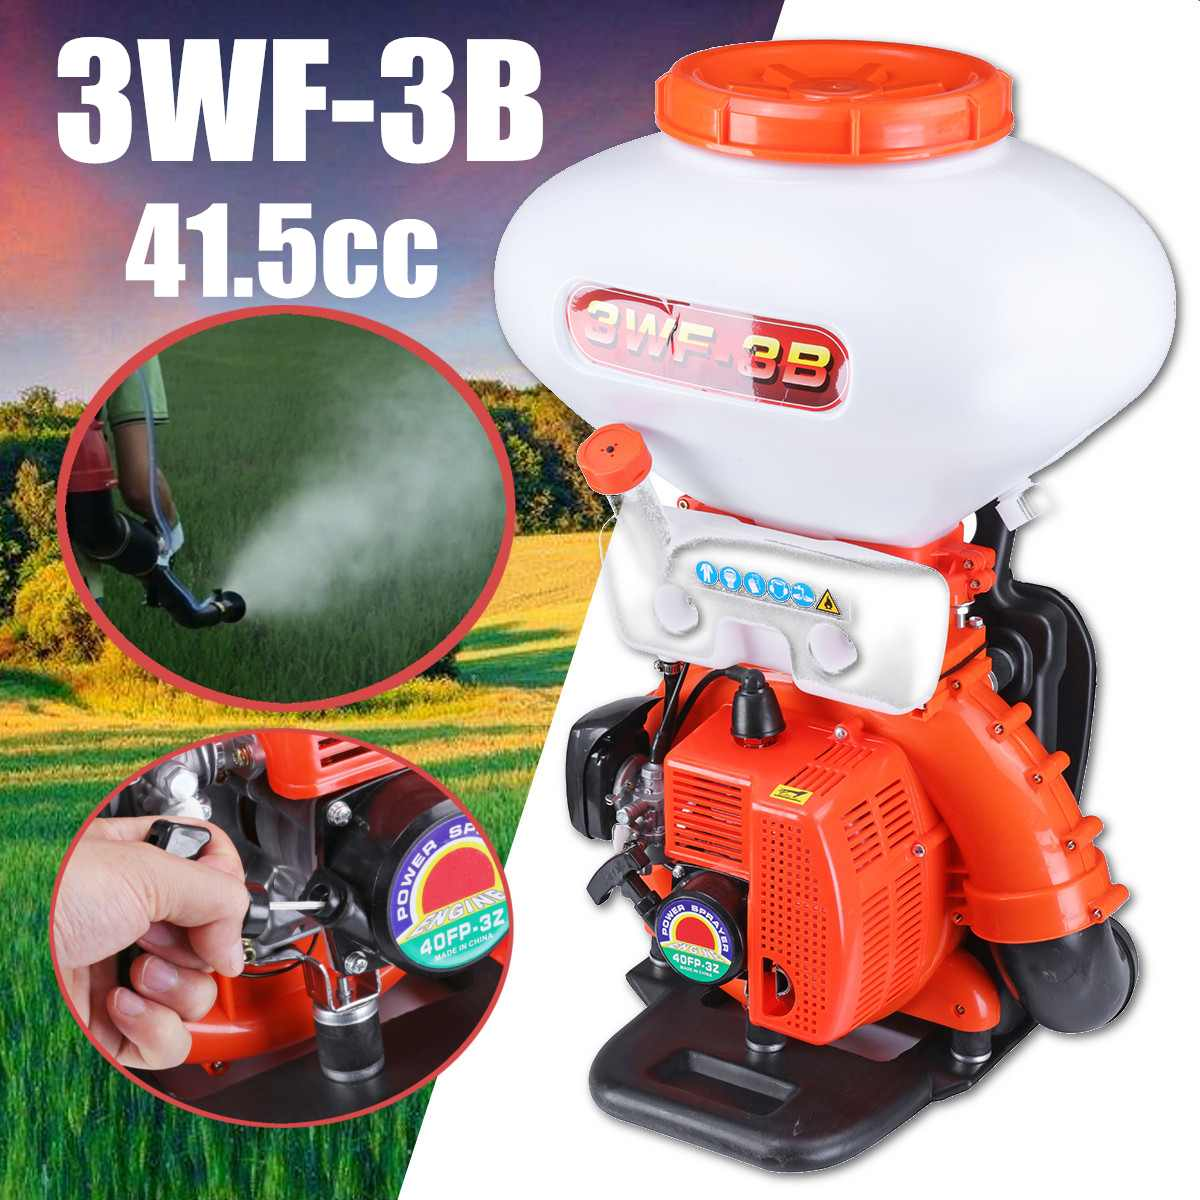 26L Сельское Хозяйство Туман Duster Мощность опрыскиватель Бензин Мощность ed 3WF 3B ранцевый воздуходув Fogger борьба с вредителями принадлежности с